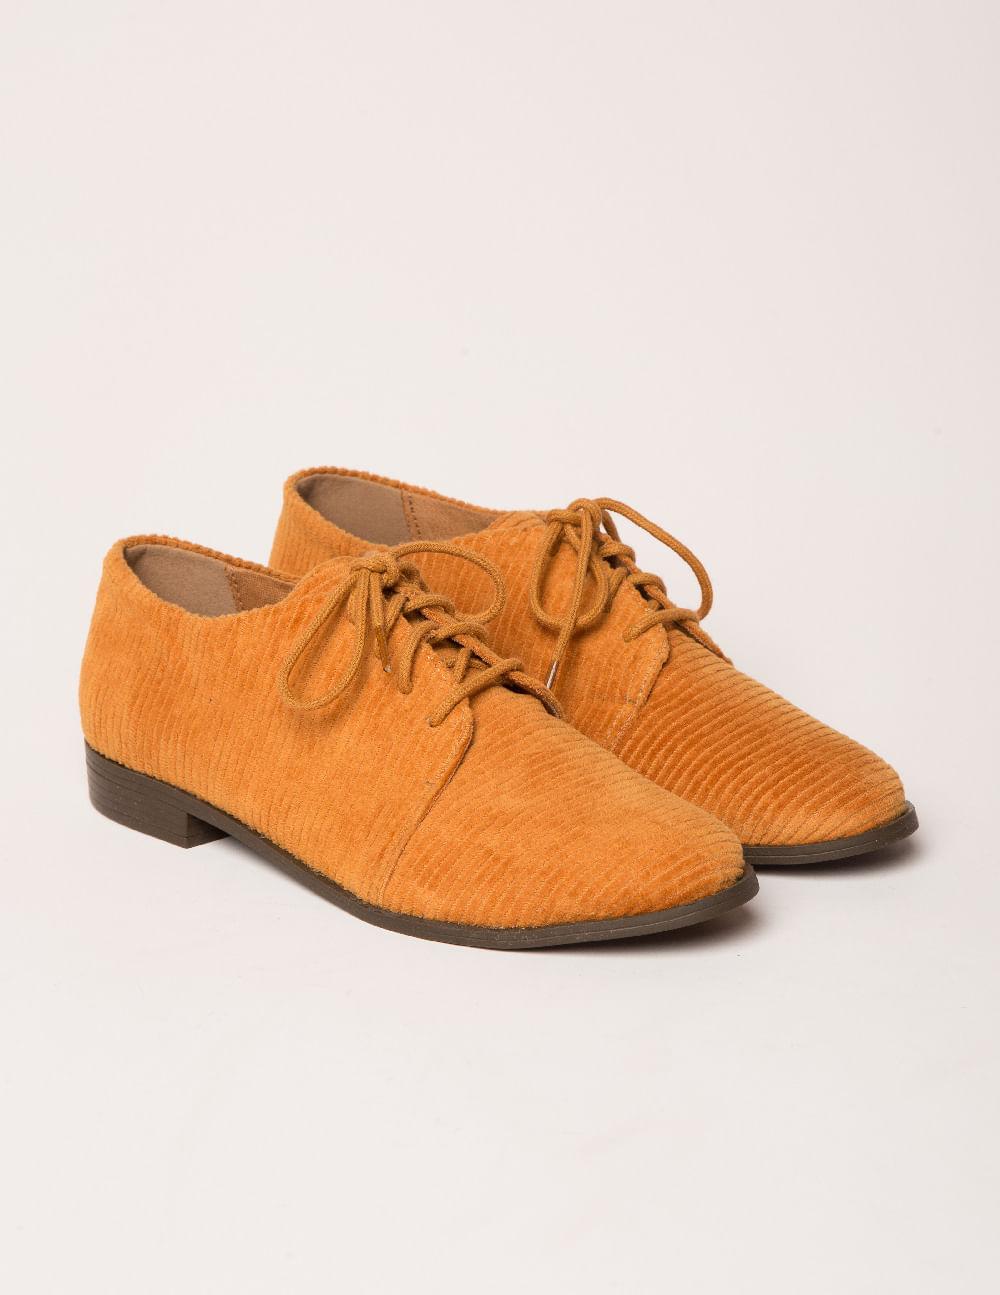 OxfordEmprestado do guarda roupa masculino, o modelo tem cabedal do  clássico sapato inglês e remete a um sapato social. Na Via Mia, essa  construção está ... 10675f14d4